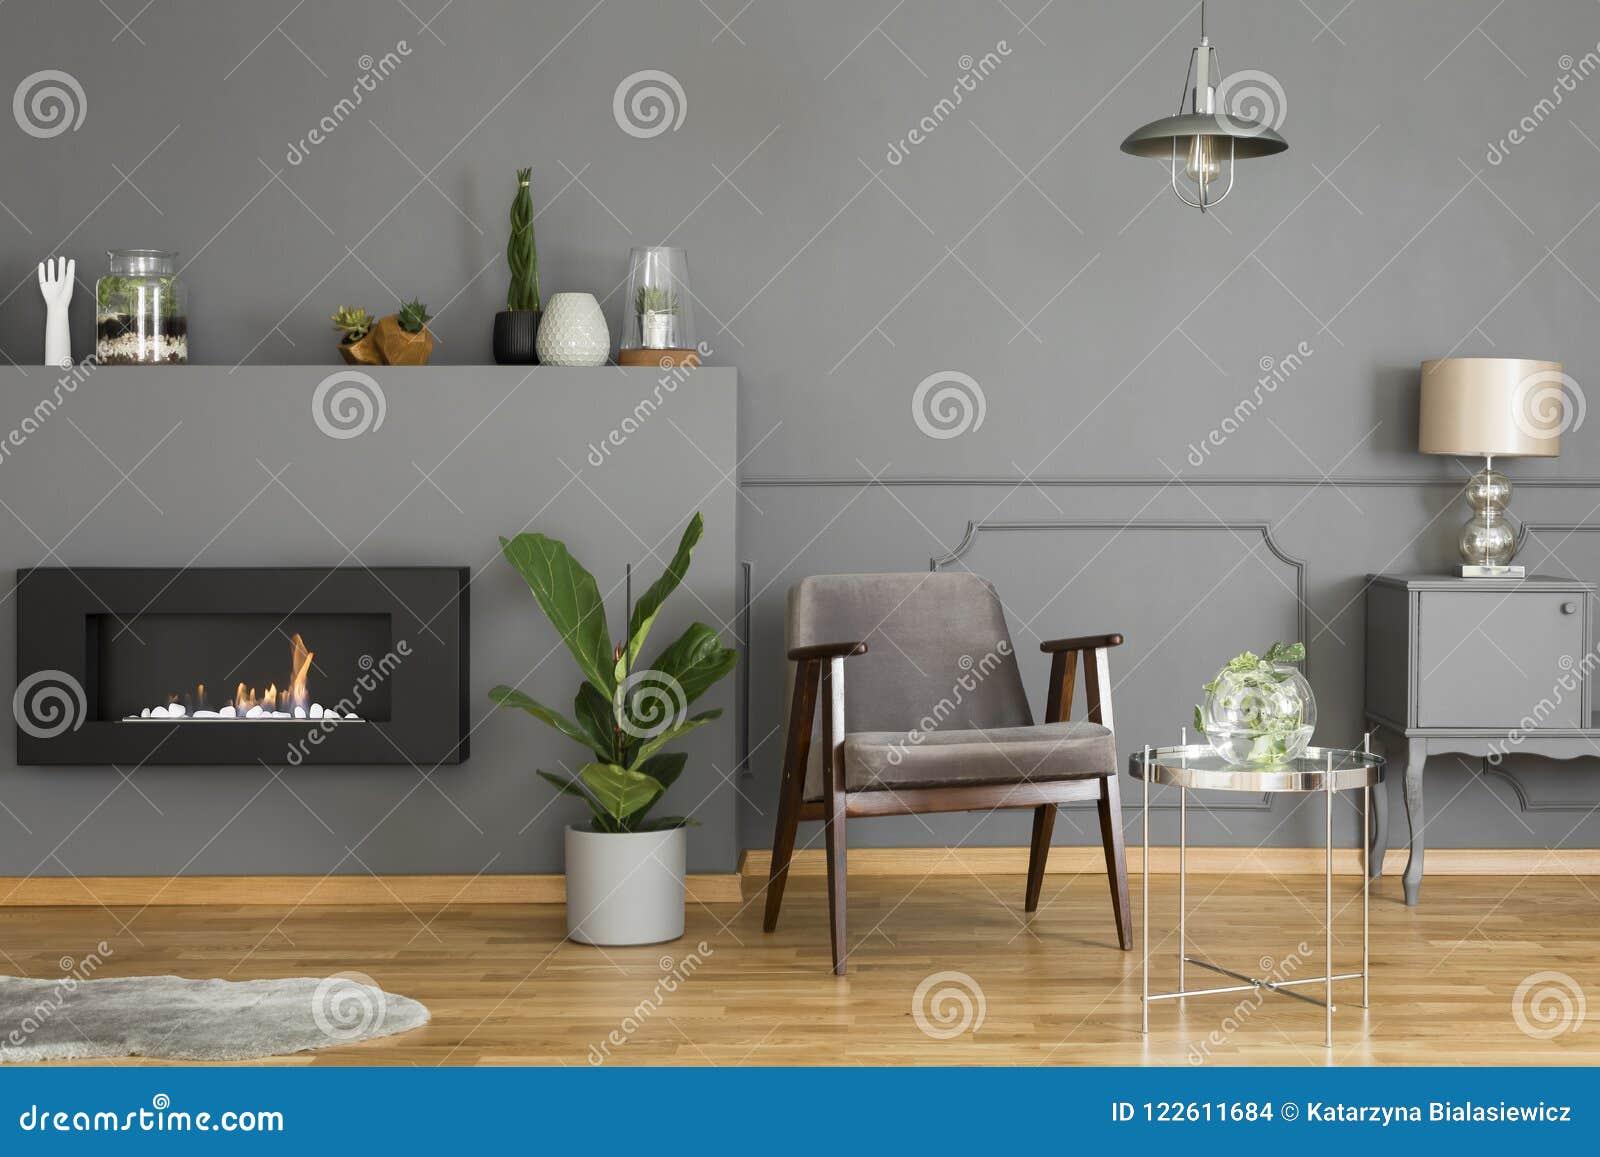 Verkligt foto av ett grått fåtöljanseende i en modern enkel livin